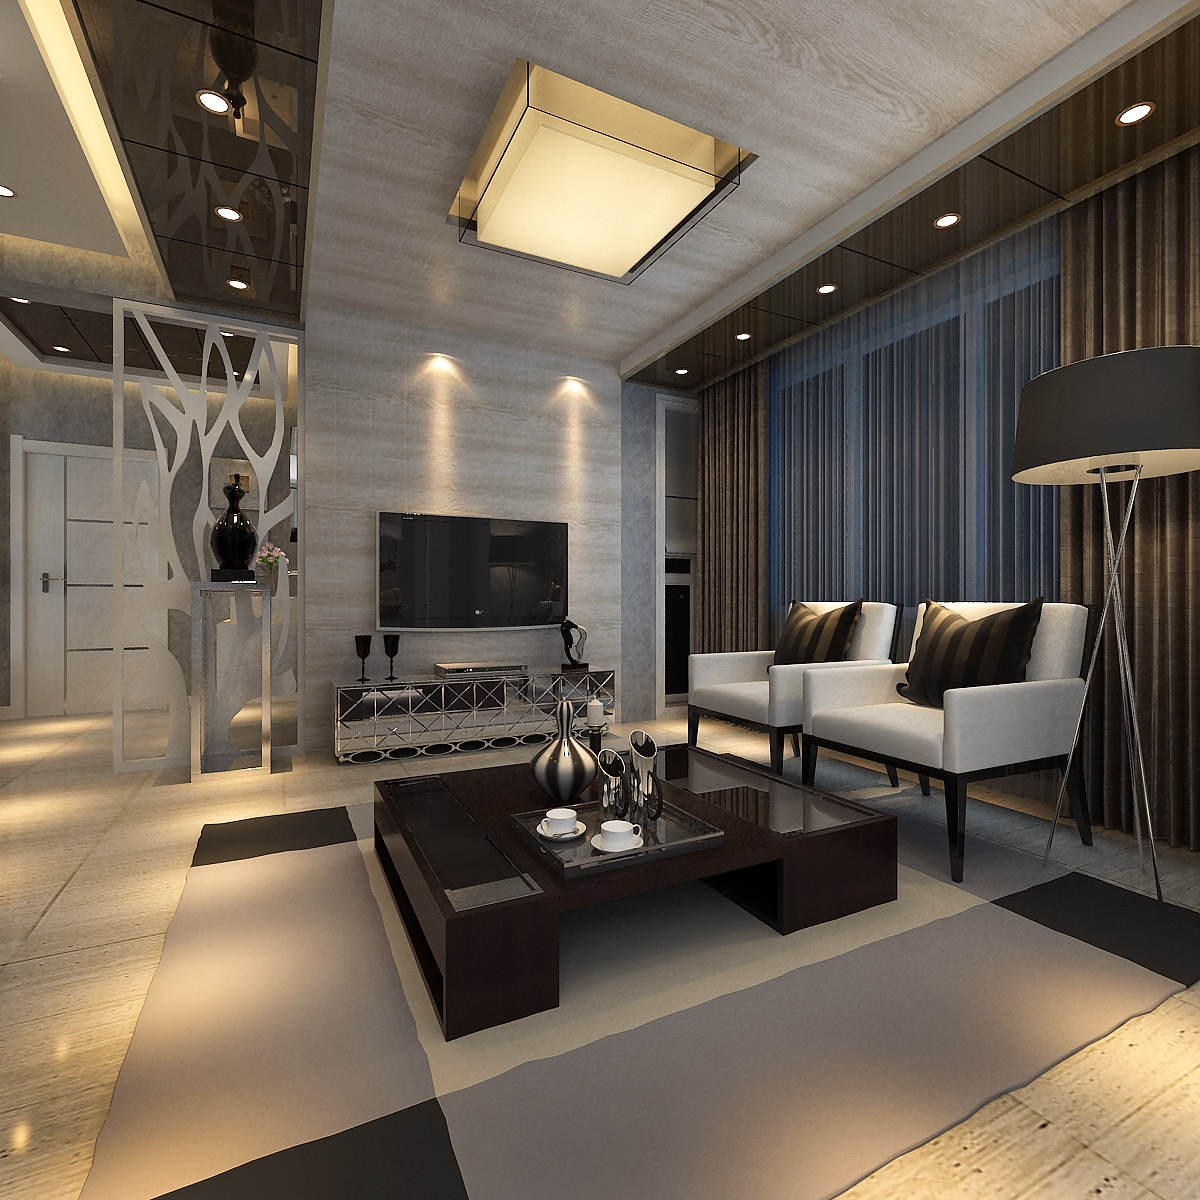 子博的家装效果图设计作品